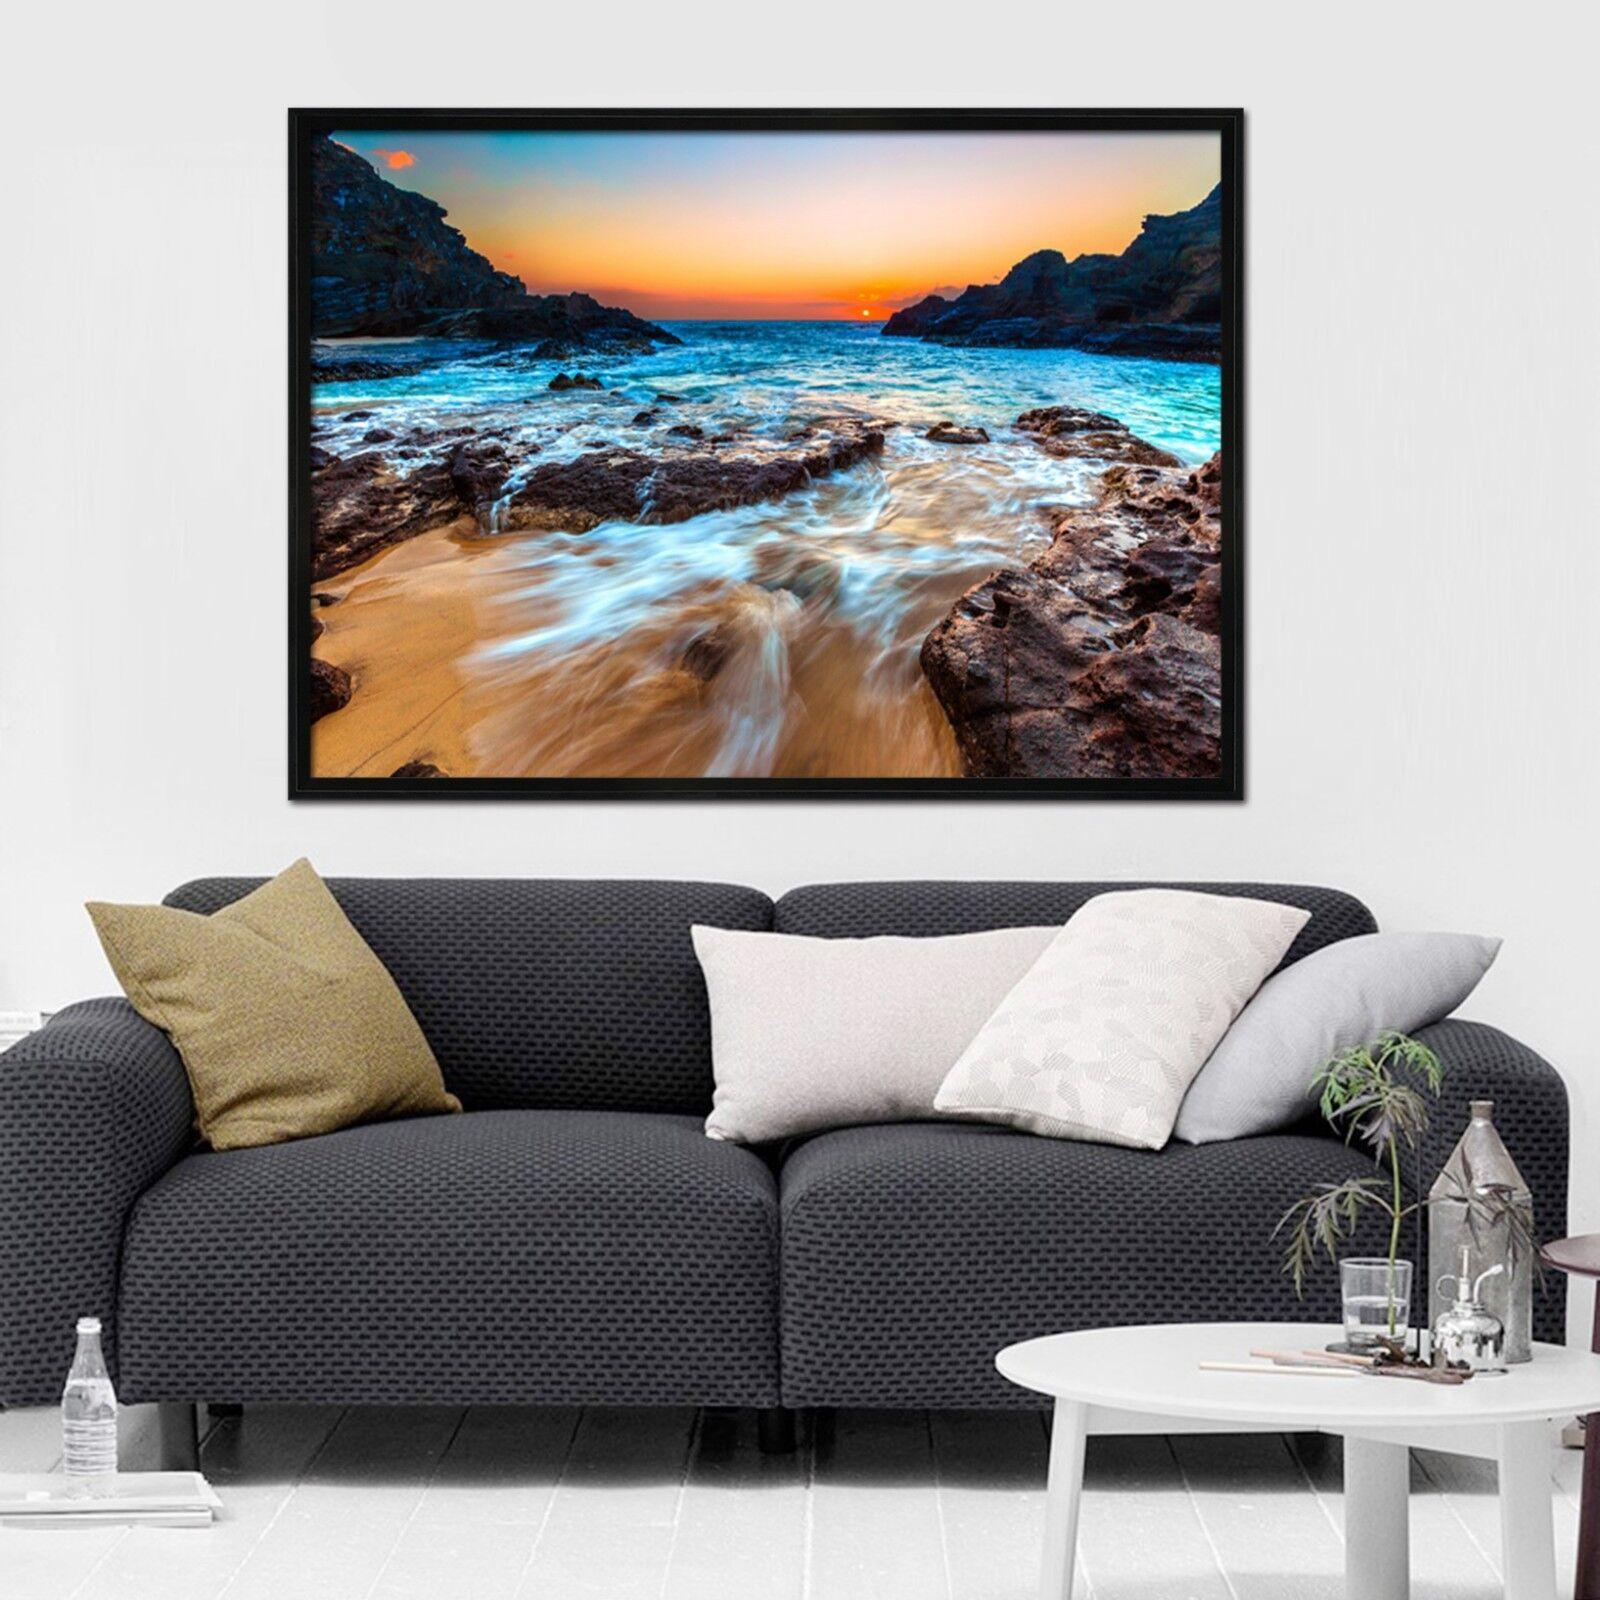 3D Sunset Beach 3 Póster Enmarcado De Piedra Decoración del Hogar Pintura de Impresión Arte AJ Wallpaper